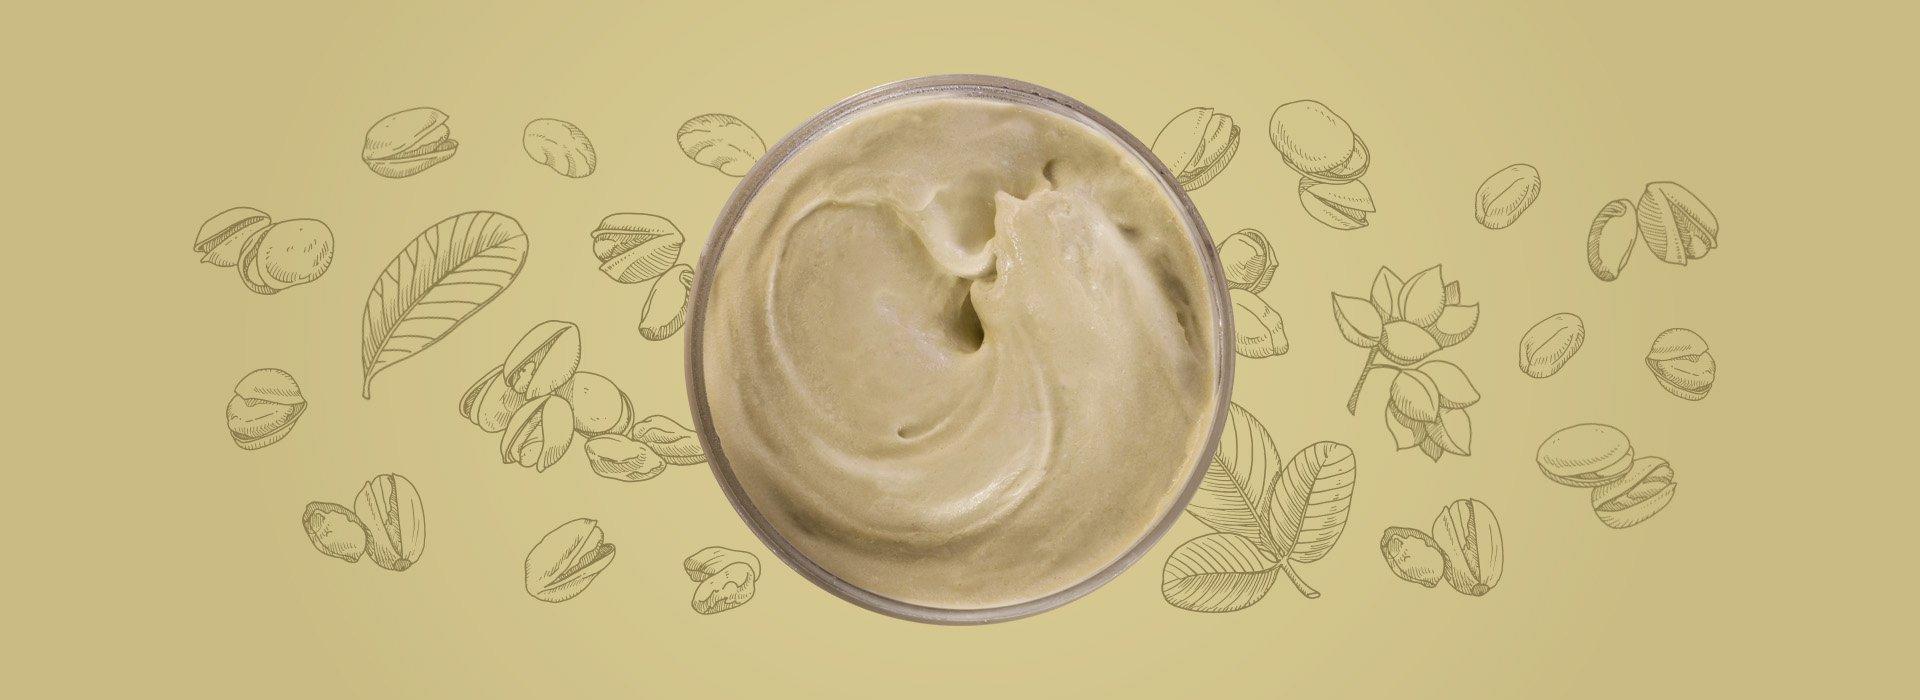 Cup of pistachio ice cream